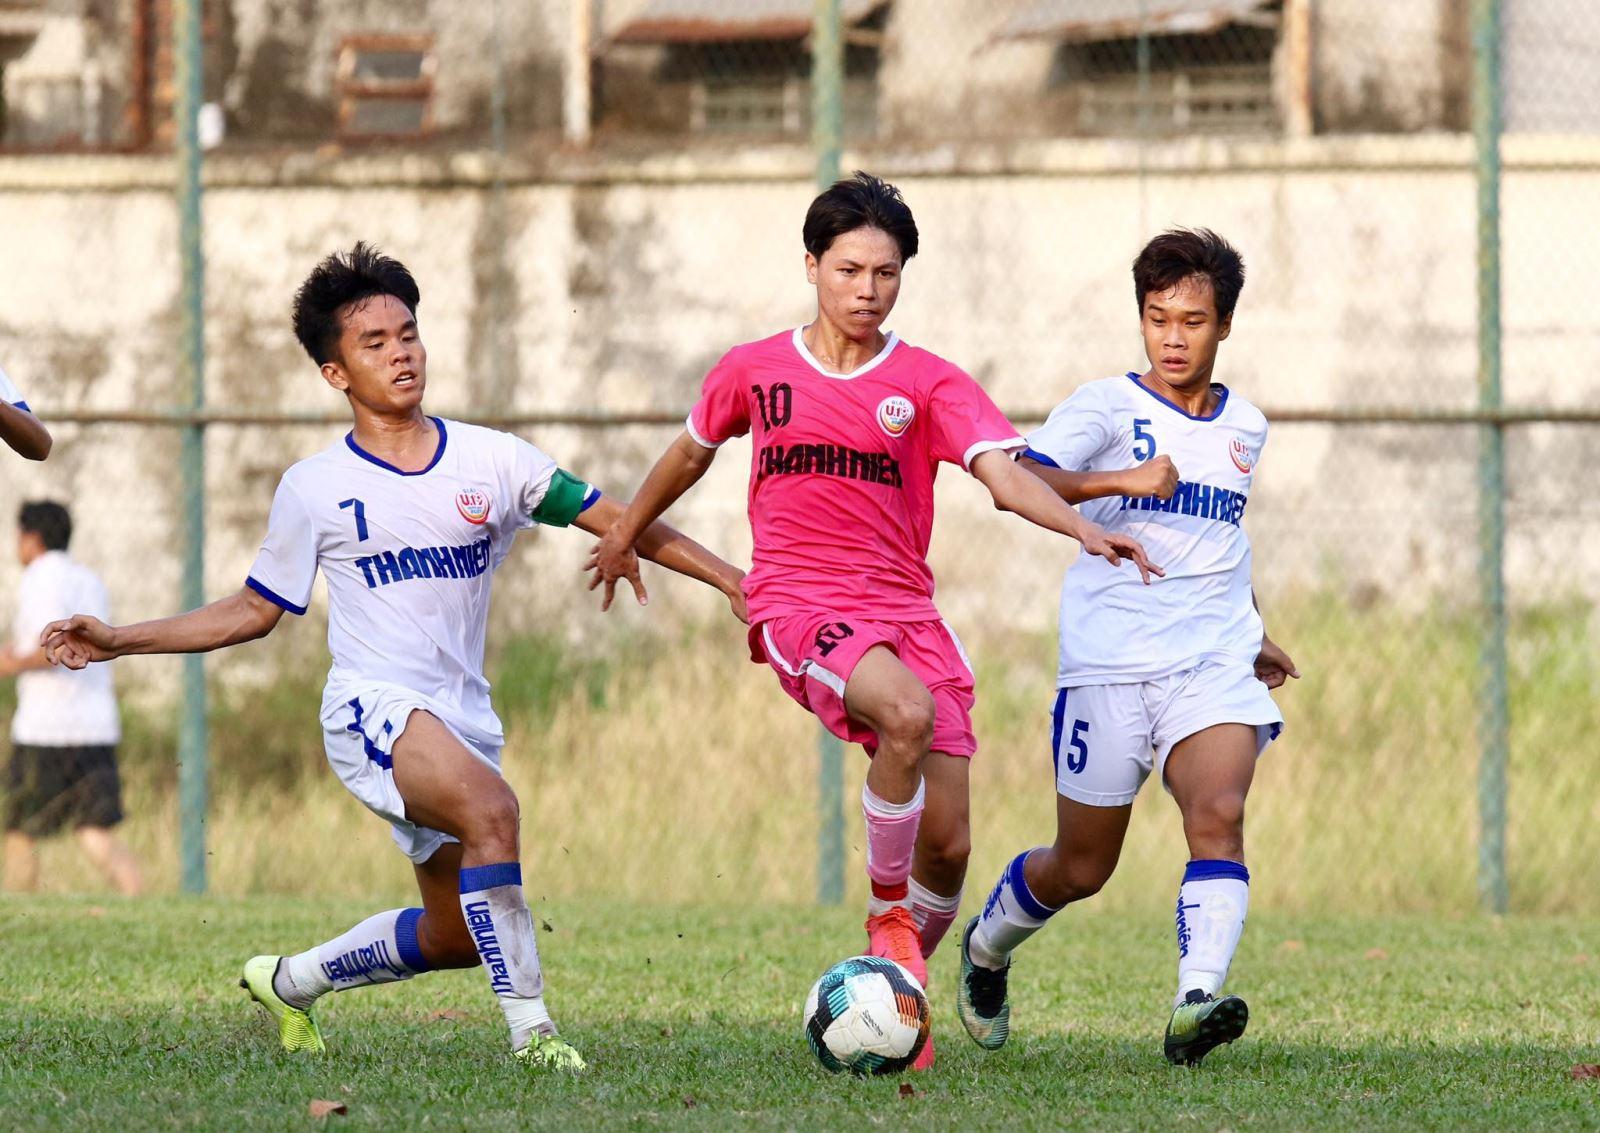 Sài Gòn FC cùng An Giang, Hà Nội FC là 3 đội bảng B vào tứ kết. Ảnh: Khả Hòa